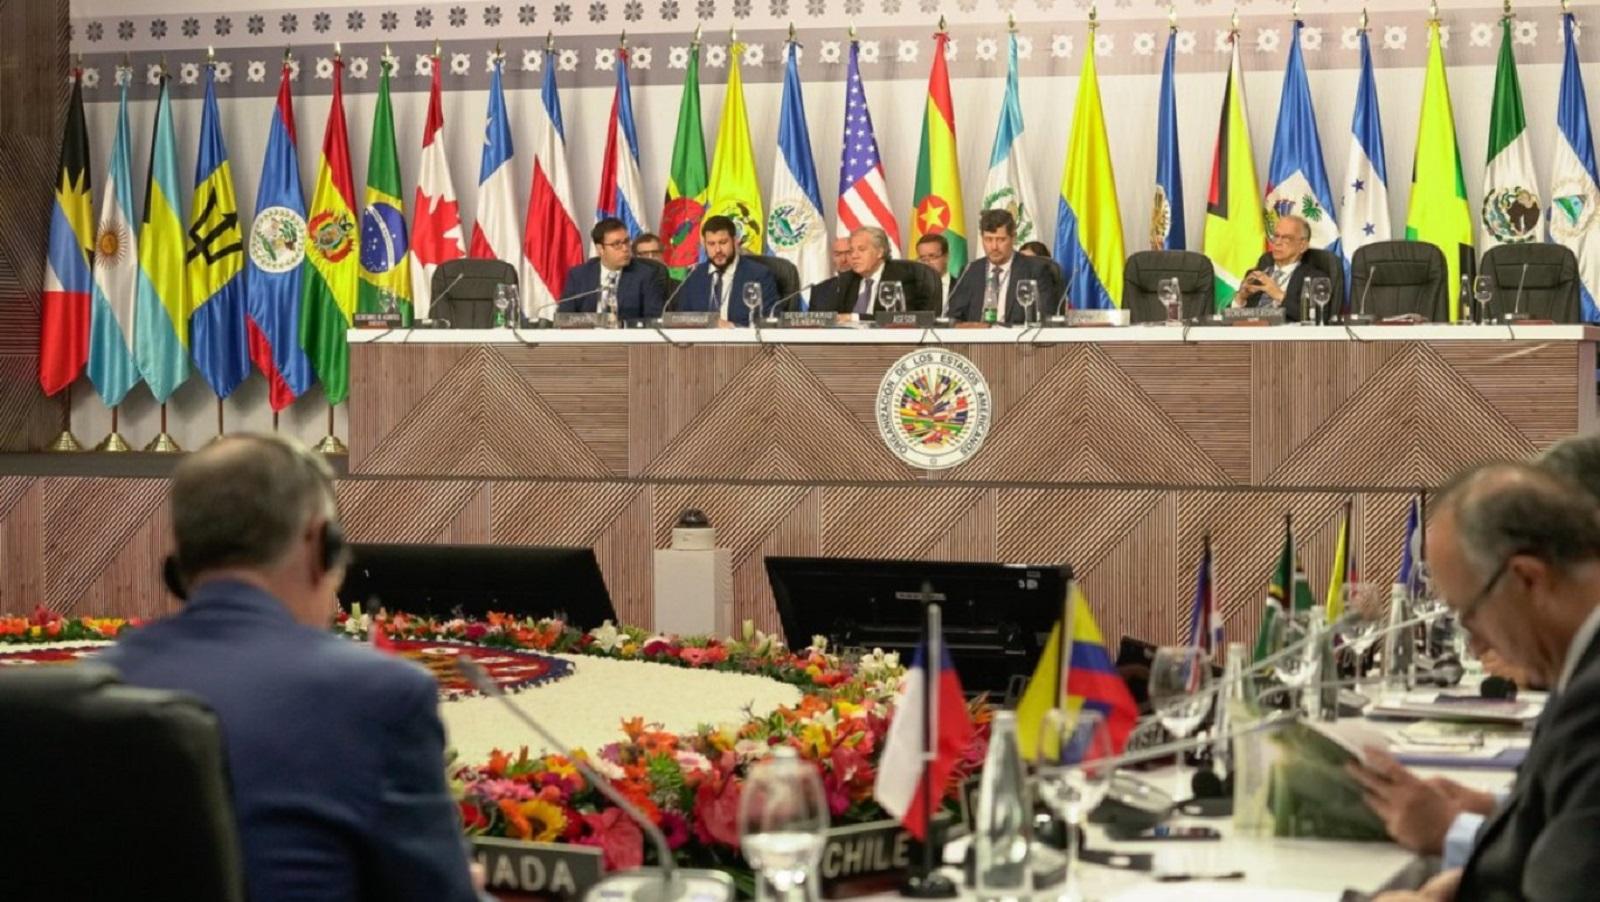 Proyecto Venezuela | La OEA aumenta la presión diplomática sobre Venezuela  y Nicaragua